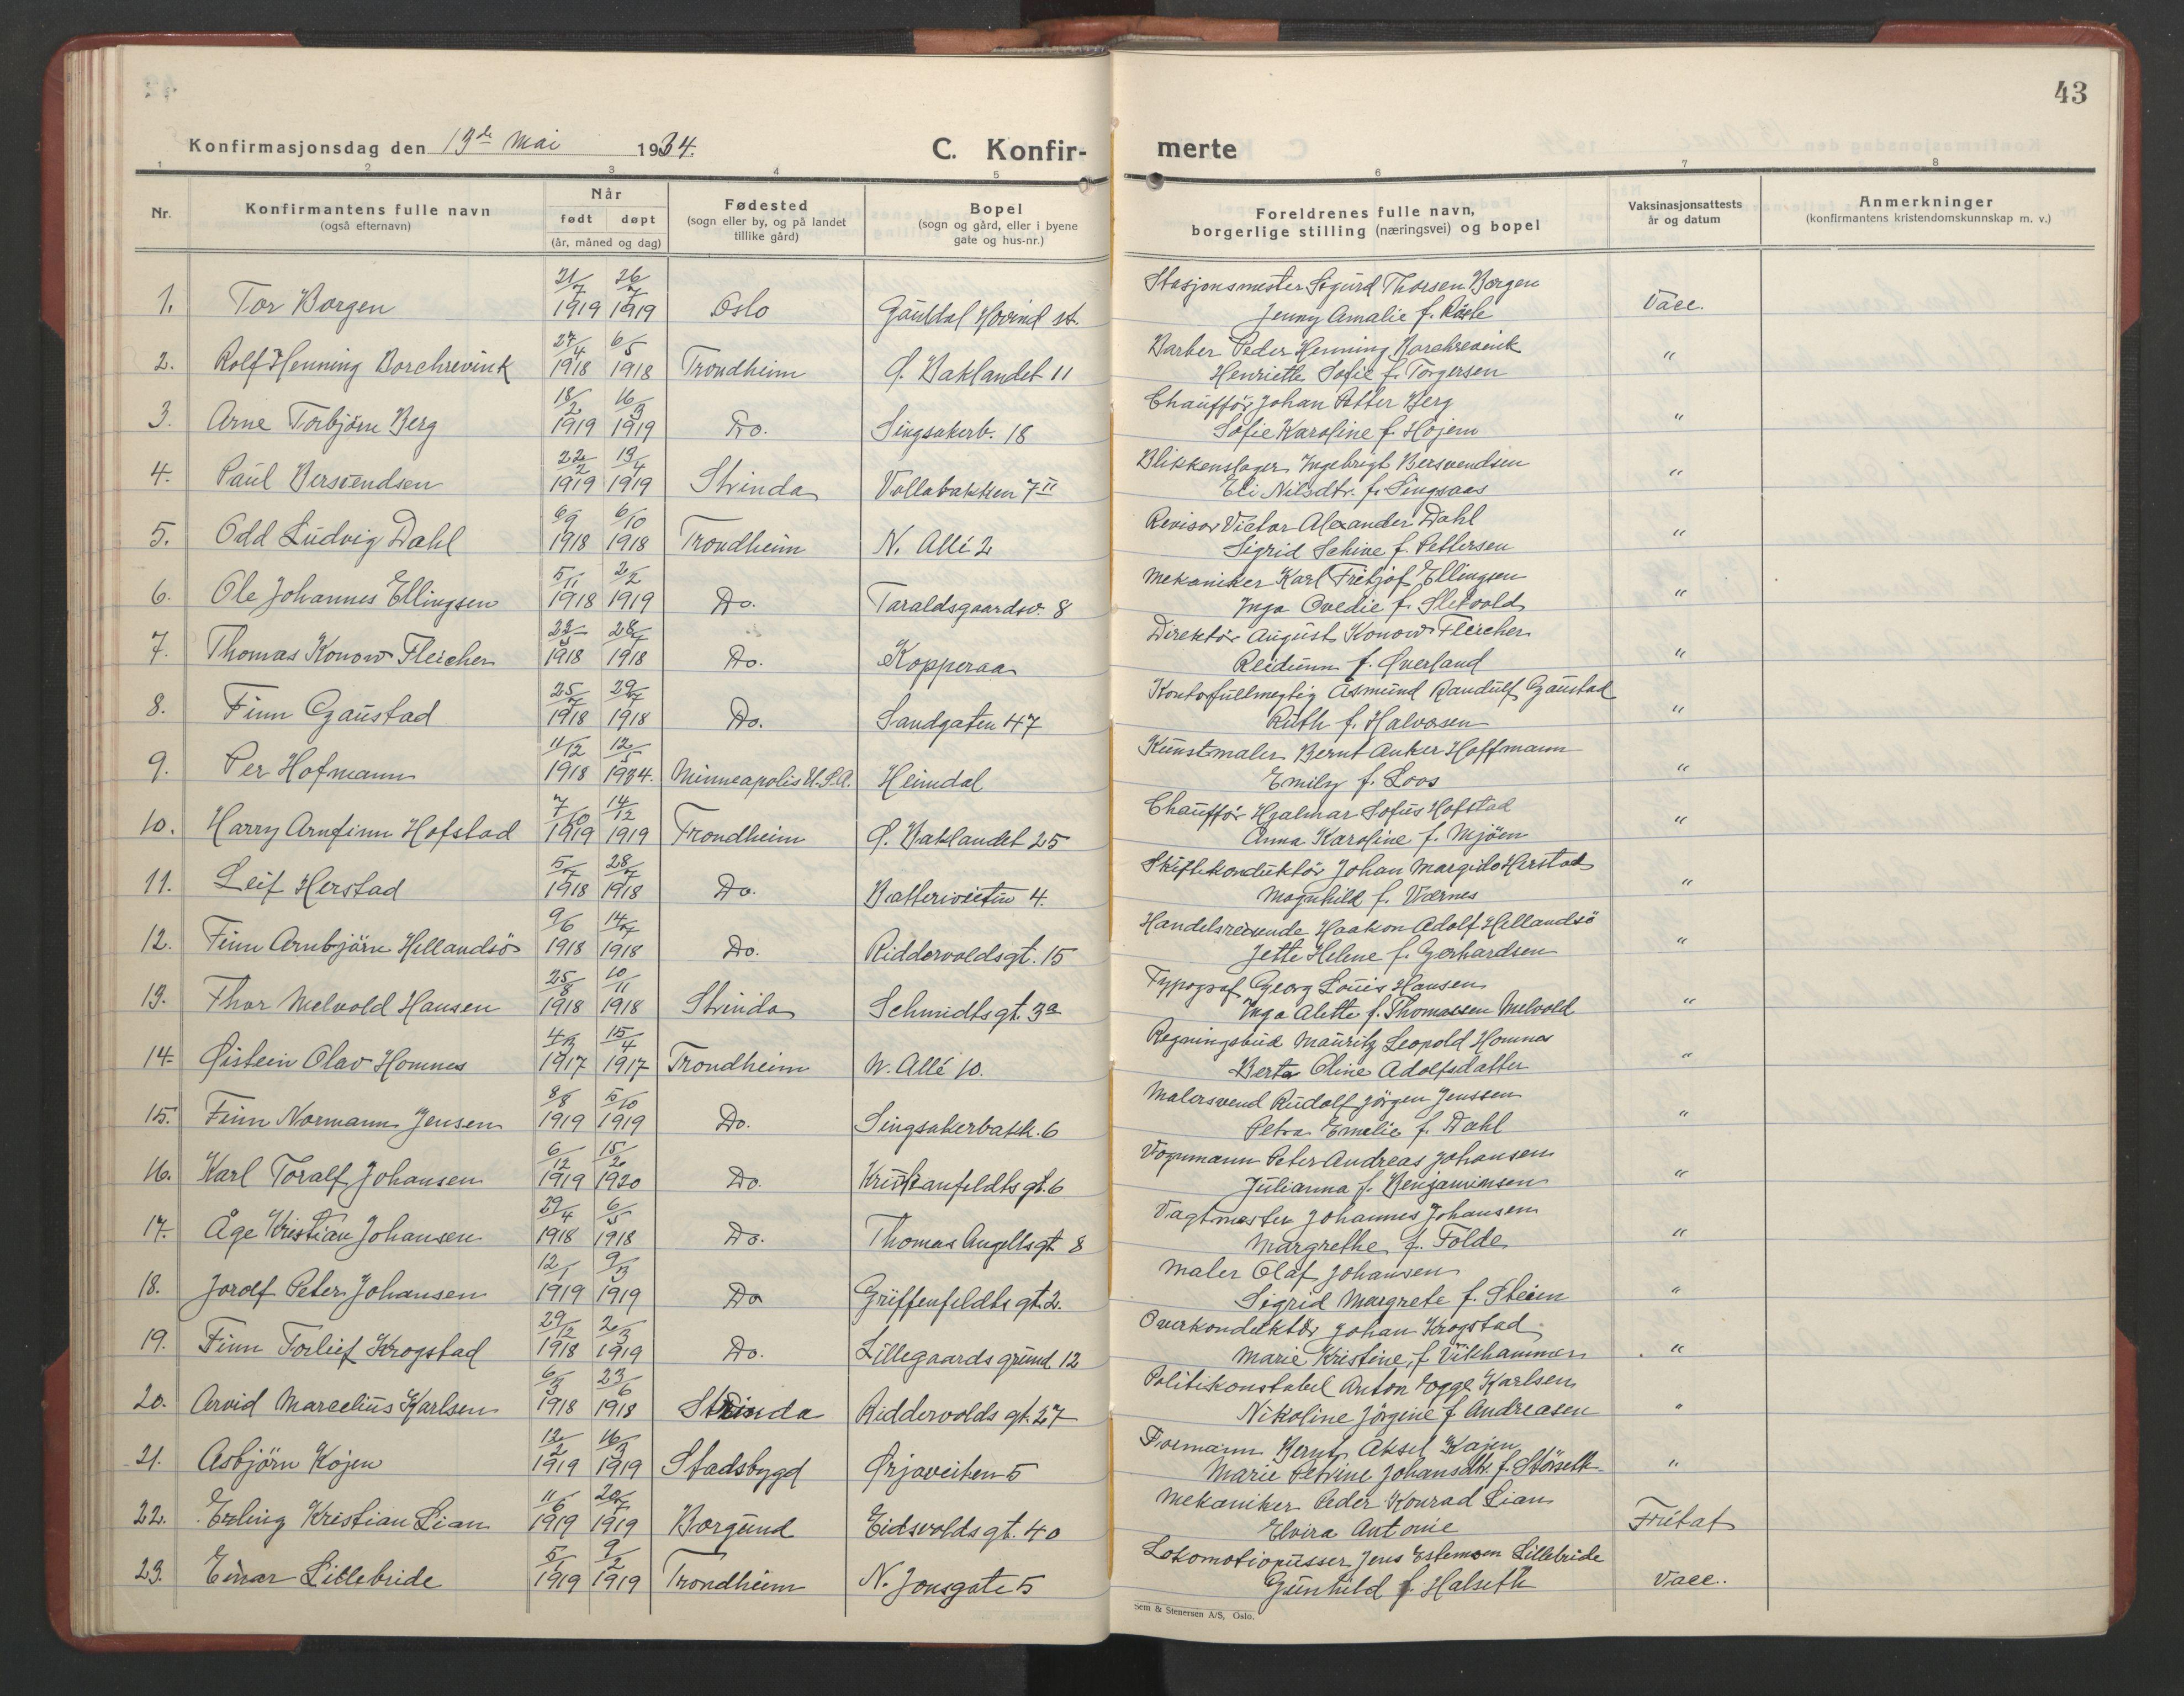 SAT, Ministerialprotokoller, klokkerbøker og fødselsregistre - Sør-Trøndelag, 602/L0151: Klokkerbok nr. 602C19, 1925-1951, s. 43